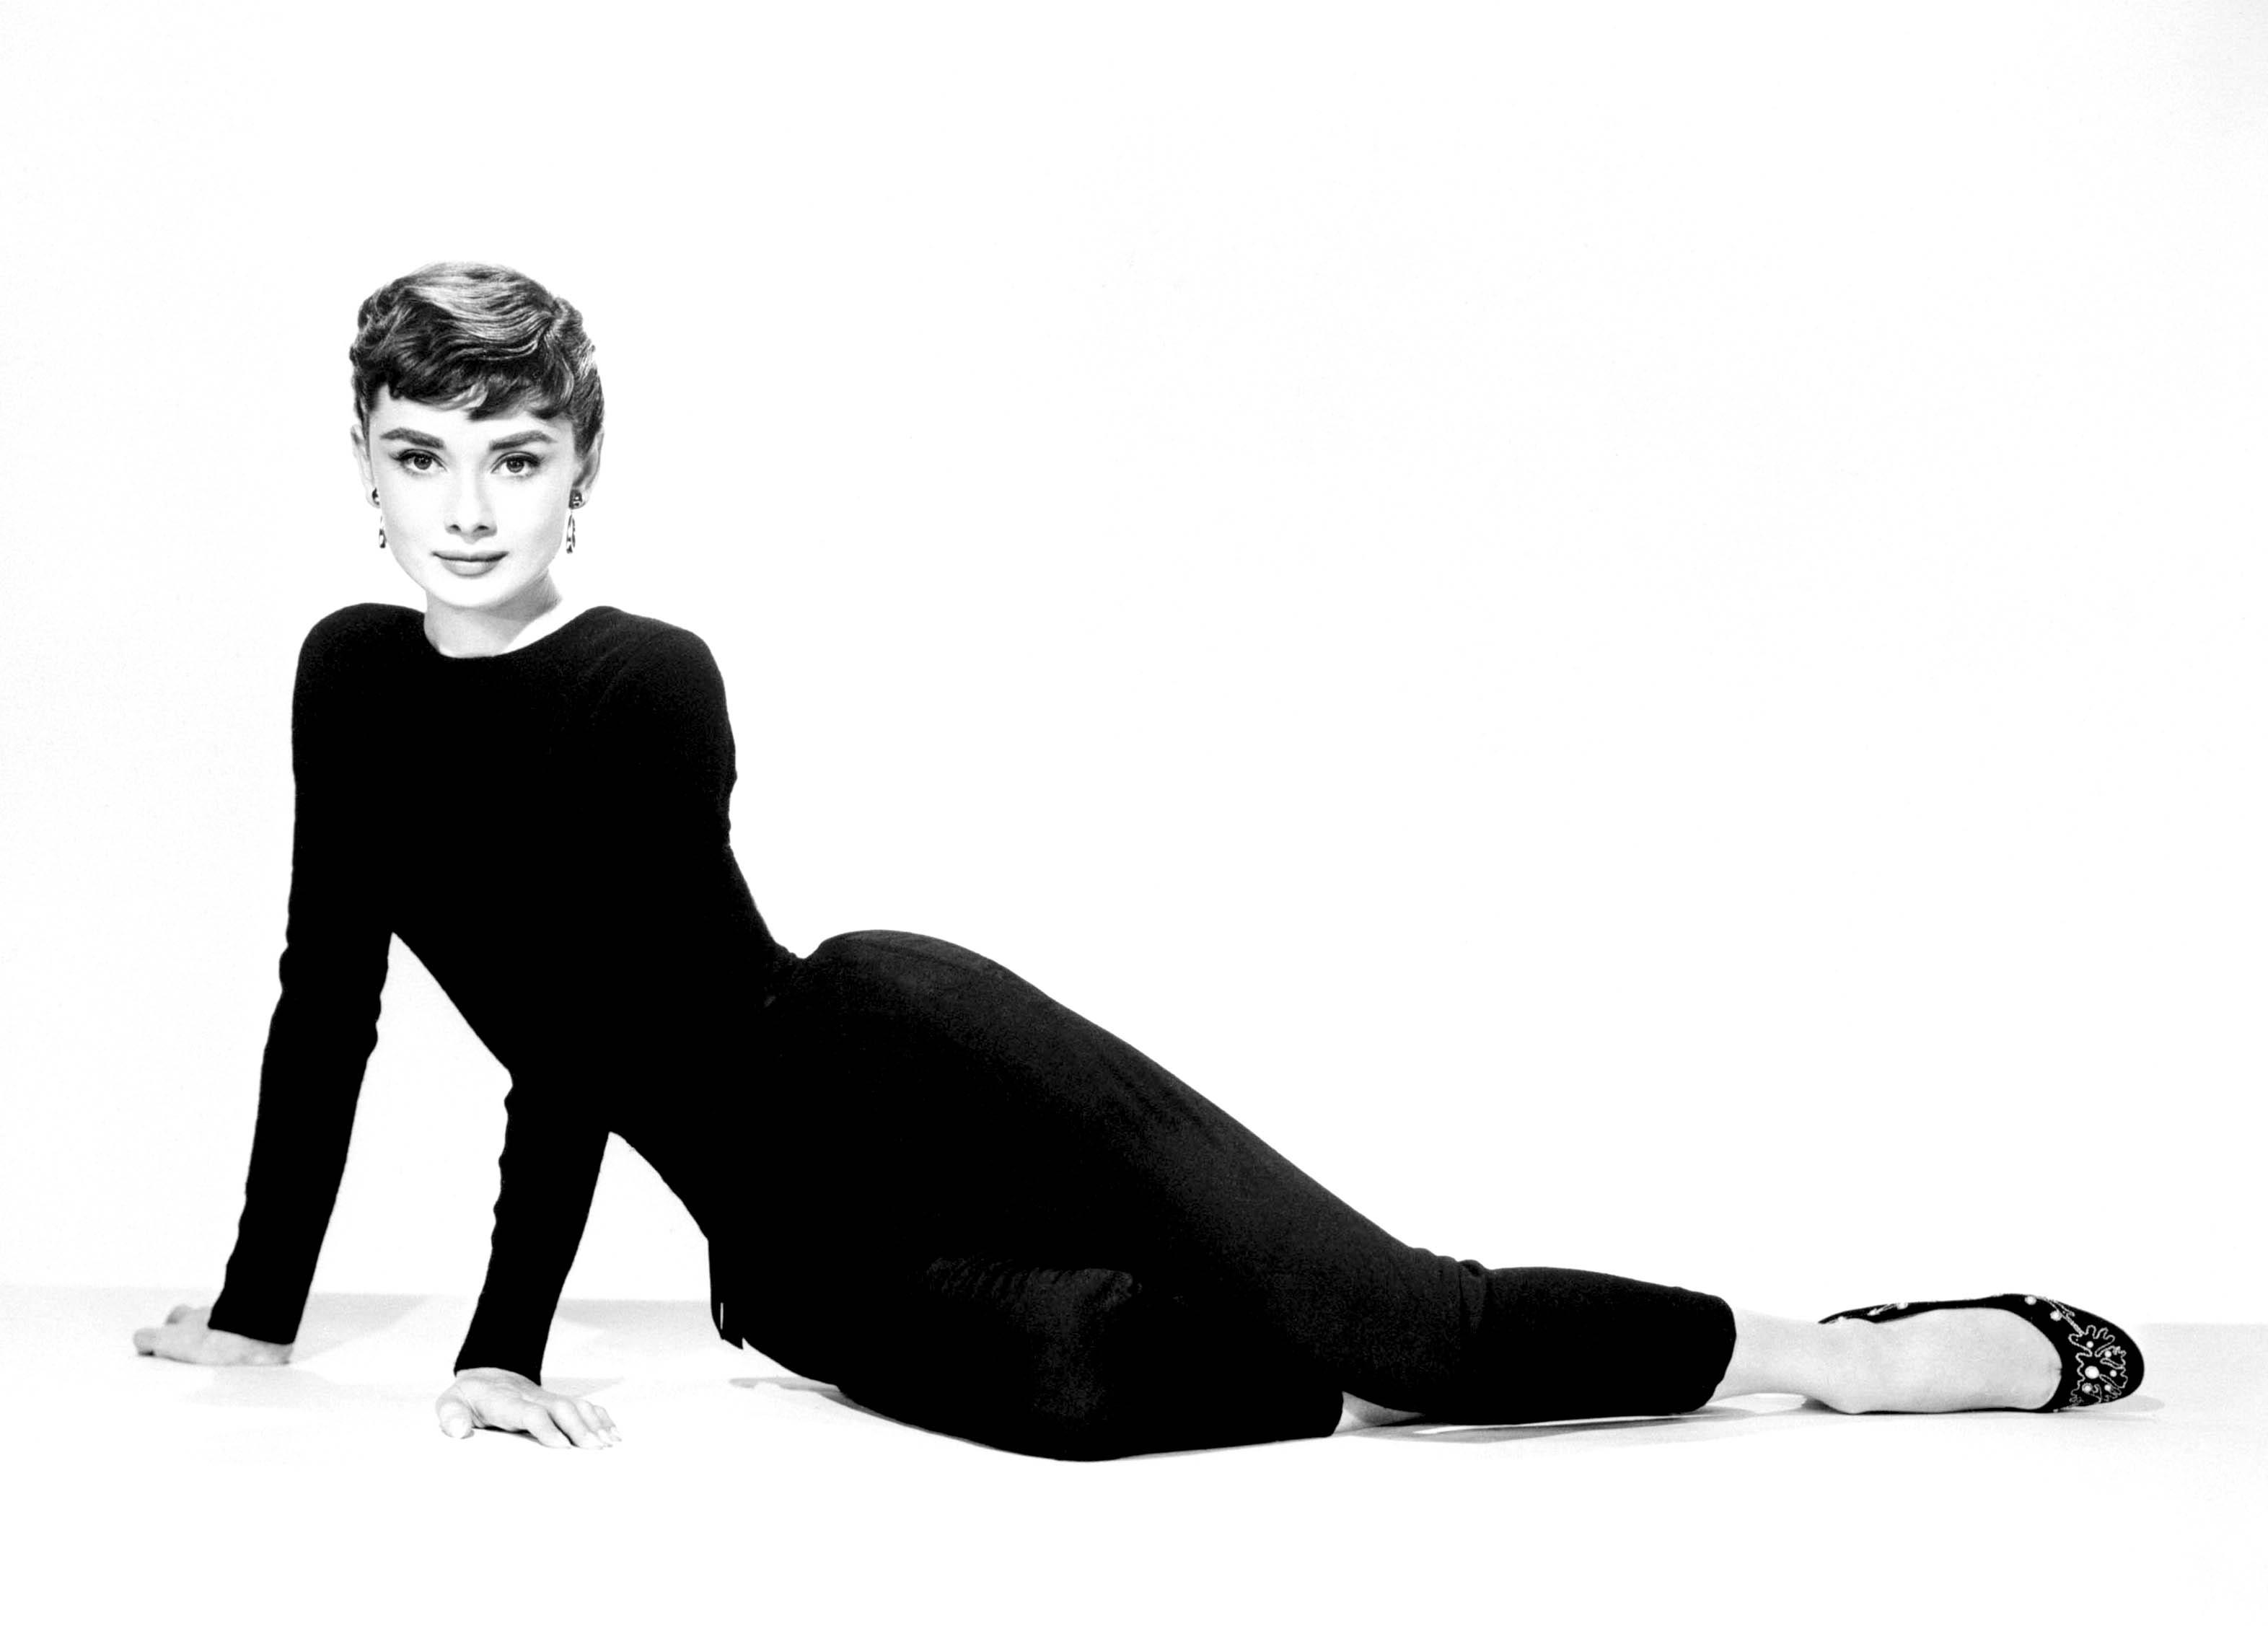 Audrey_Hepburn_frases_lecciones para ser feliz 3